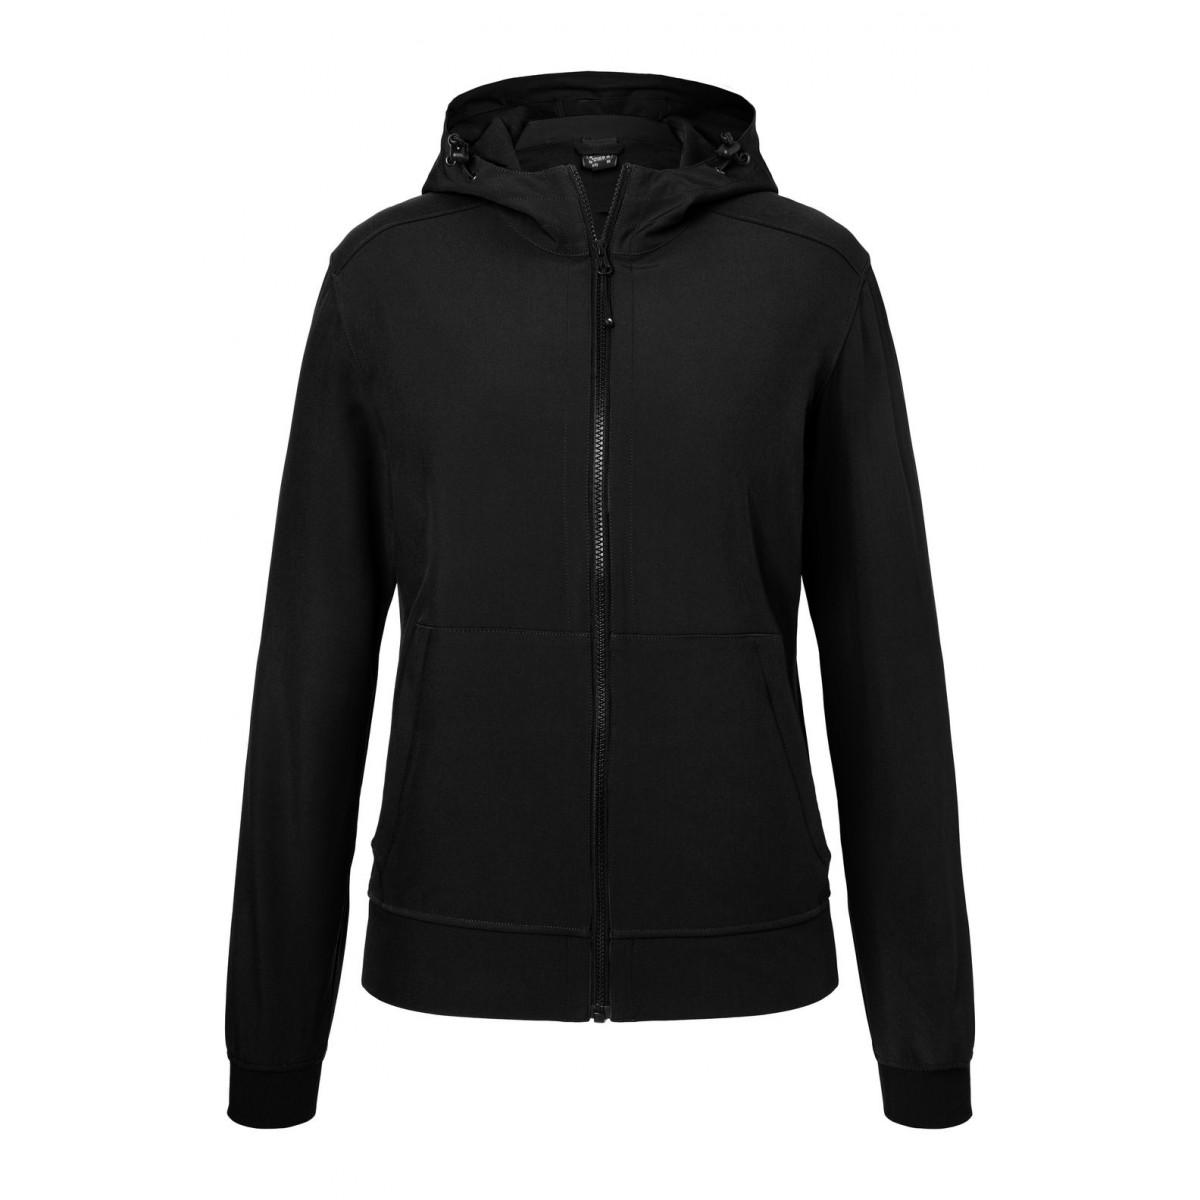 Куртка женская JN1145 Ladies Hooded Softshell Jacket - Черный/Черный